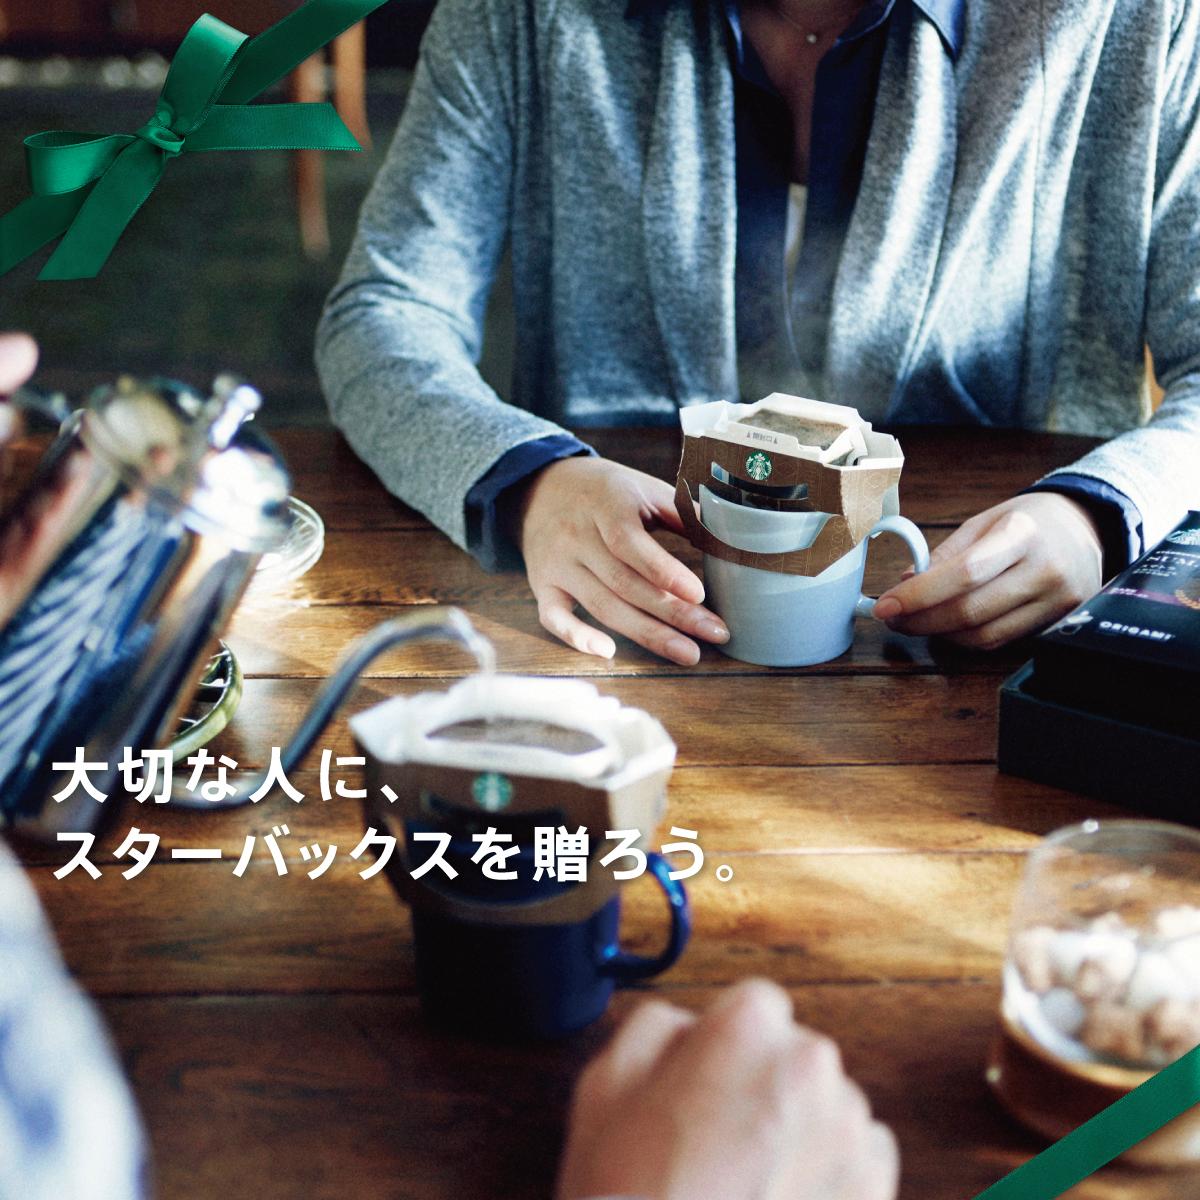 百貨店、ギフト専門店で選ぶスターバックスのギフト | スターバックス コーヒー ジャパン